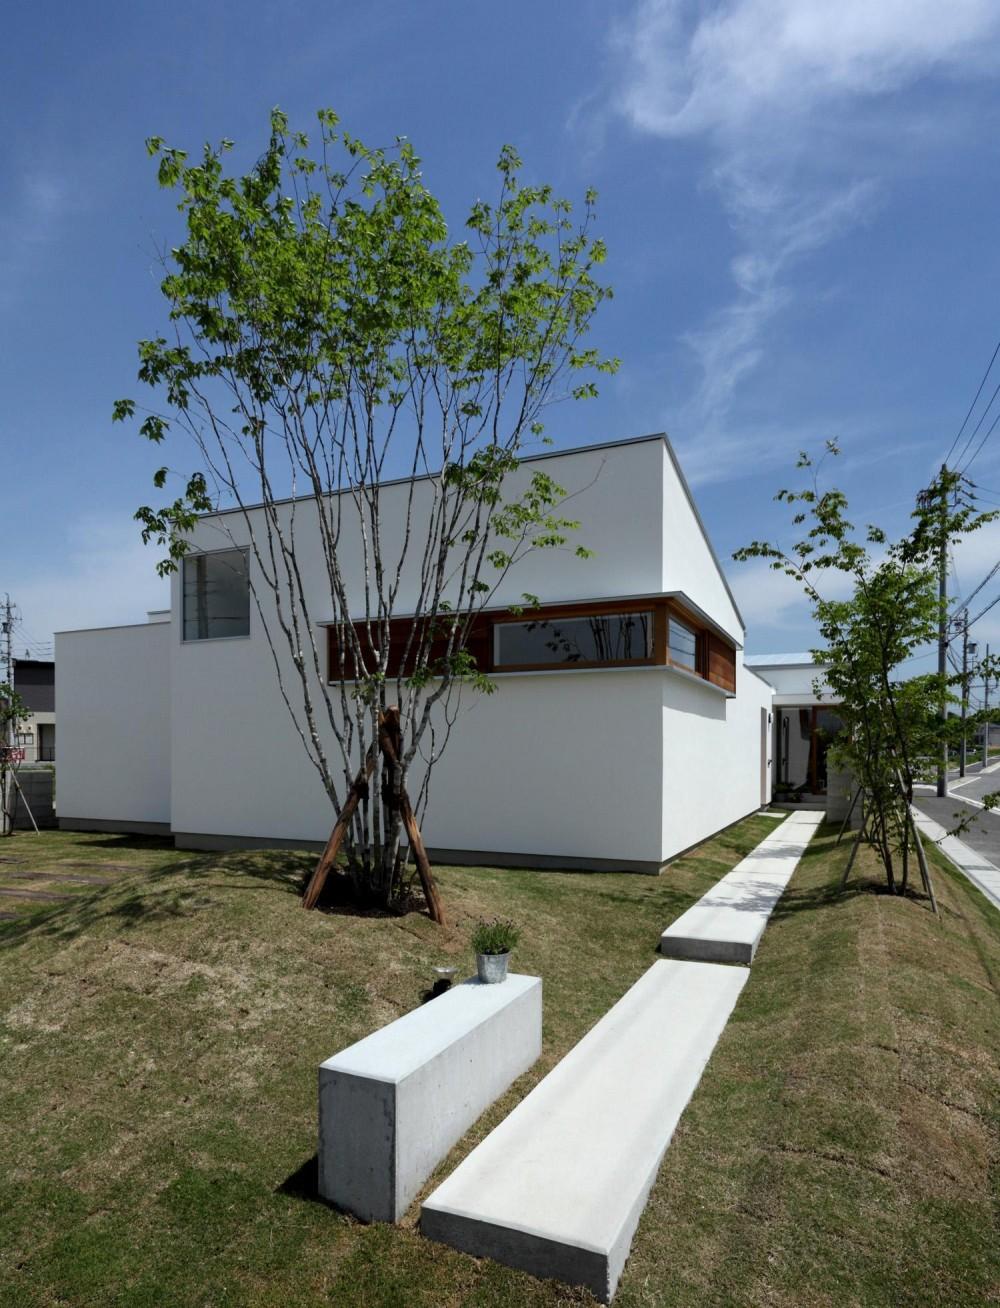 海東の家/地に近い暮らし 中庭が広がる住まい (アプローチ)